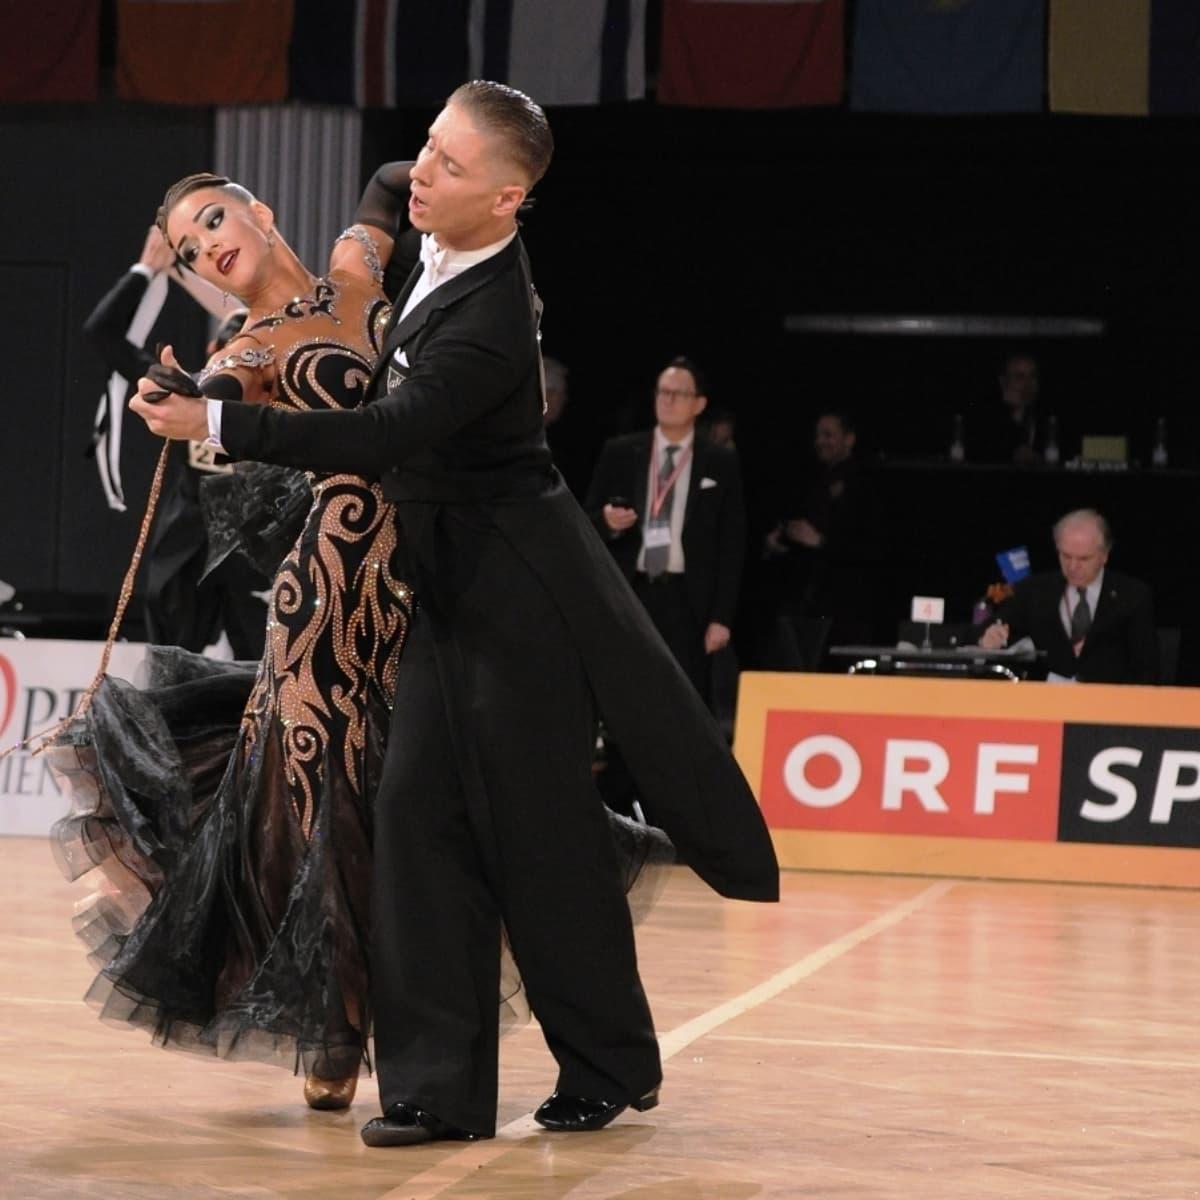 Andrii Kamyshnyi – Karina Shpakovskaya - Österreichische Staatsmeister 2019 Kombination, 10 Tänze